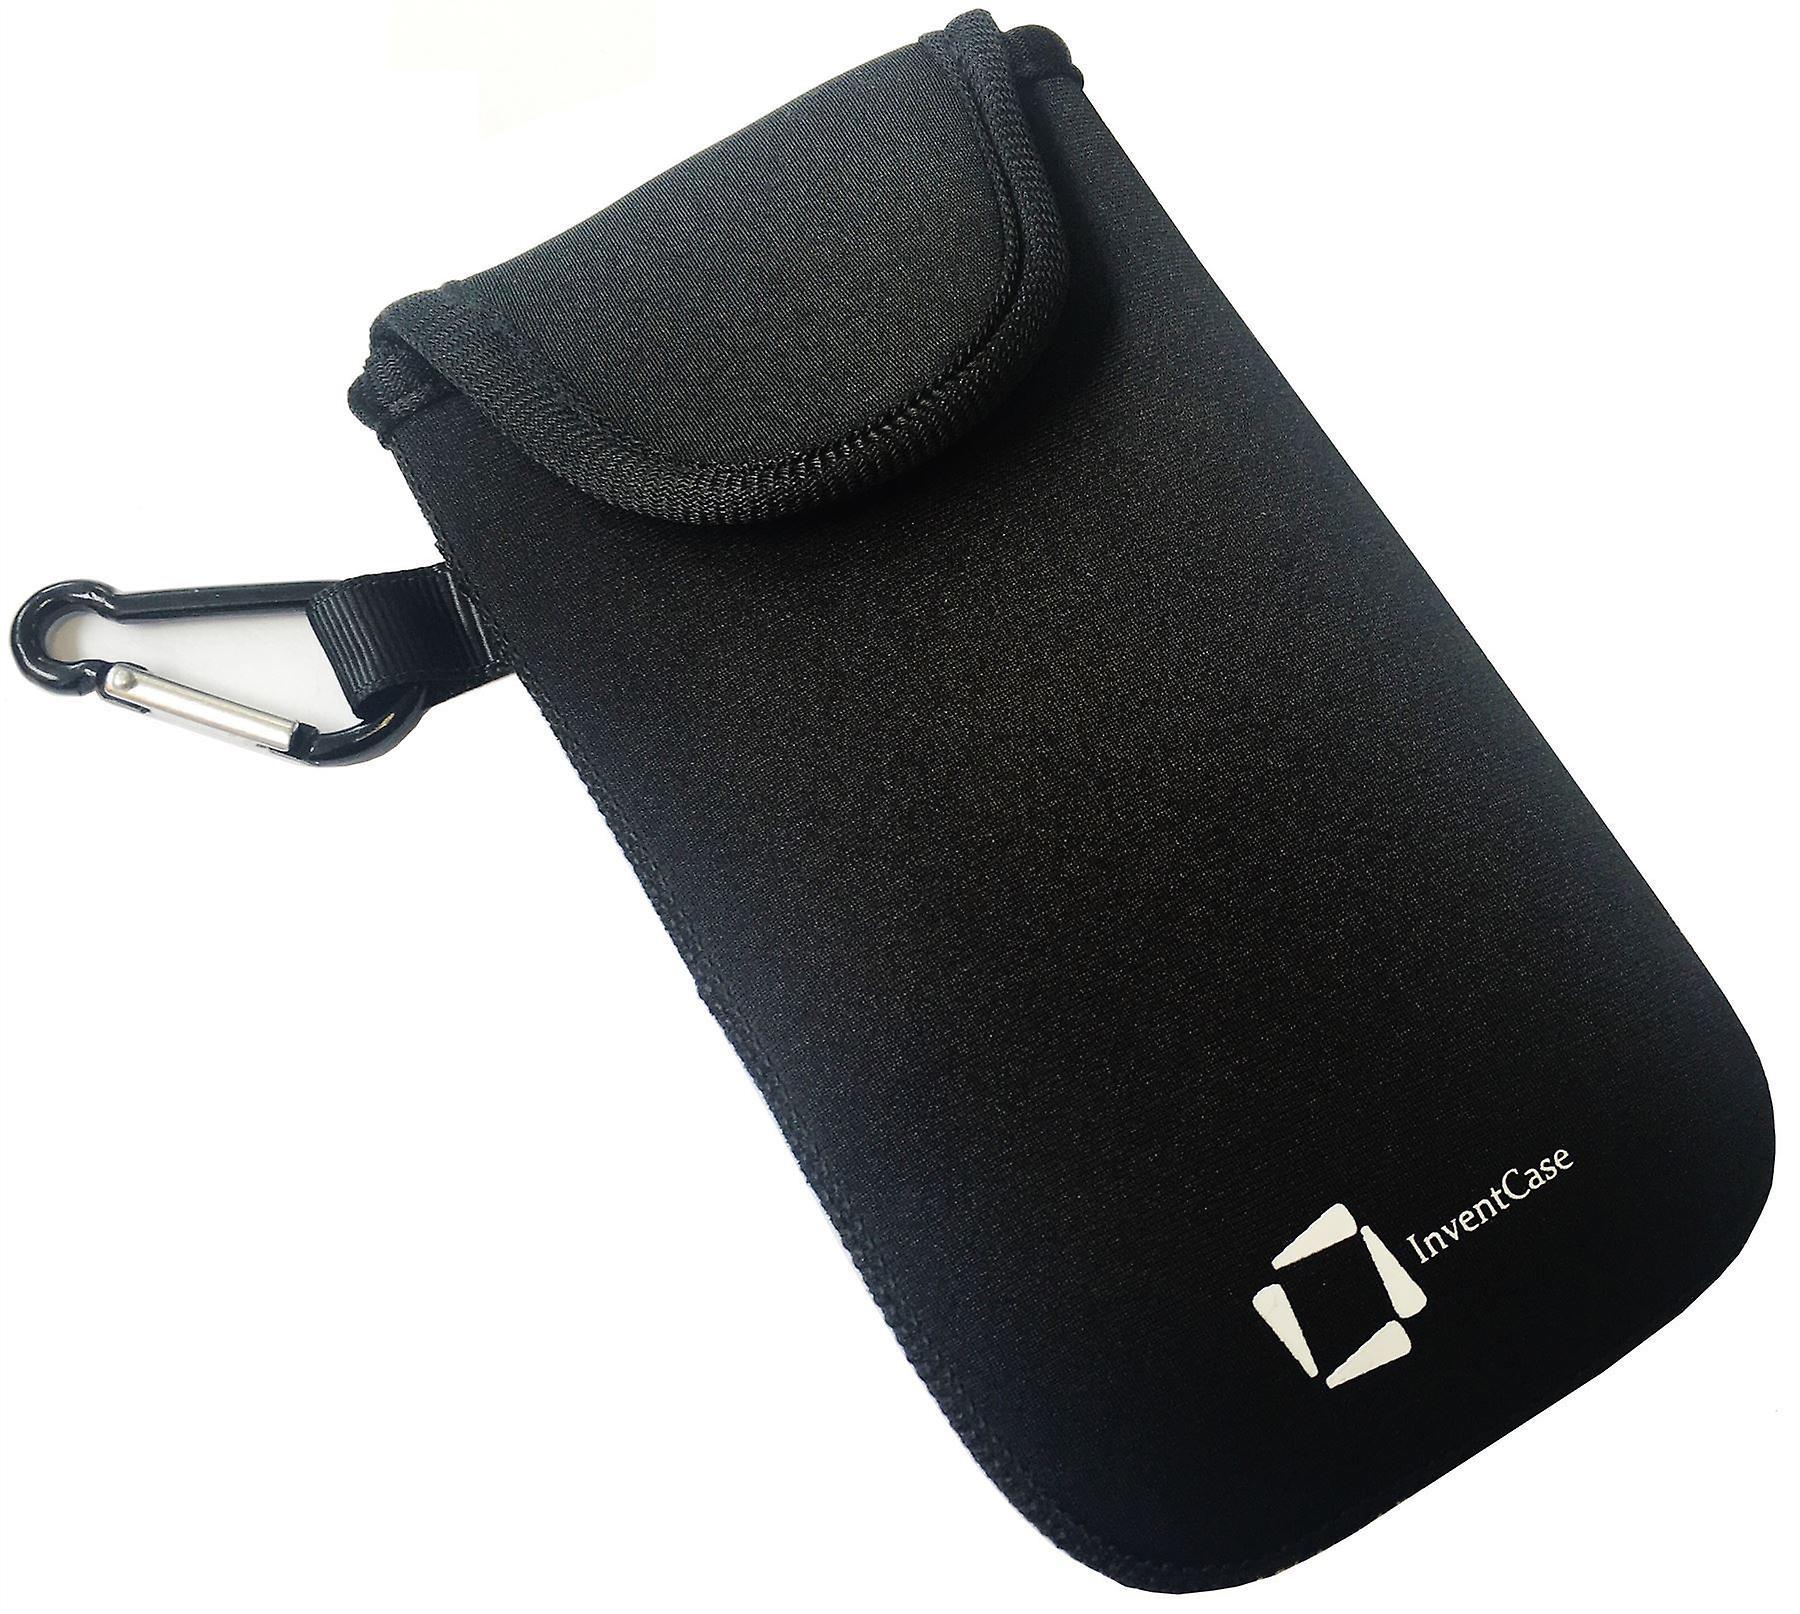 كيس تغطية القضية الحقيبة واقية مقاومة لتأثير النيوبرين إينفينتكاسي مع إغلاق Velcro و Carabiner الألومنيوم لنمط موتورولا موتو العاشر--الأسود